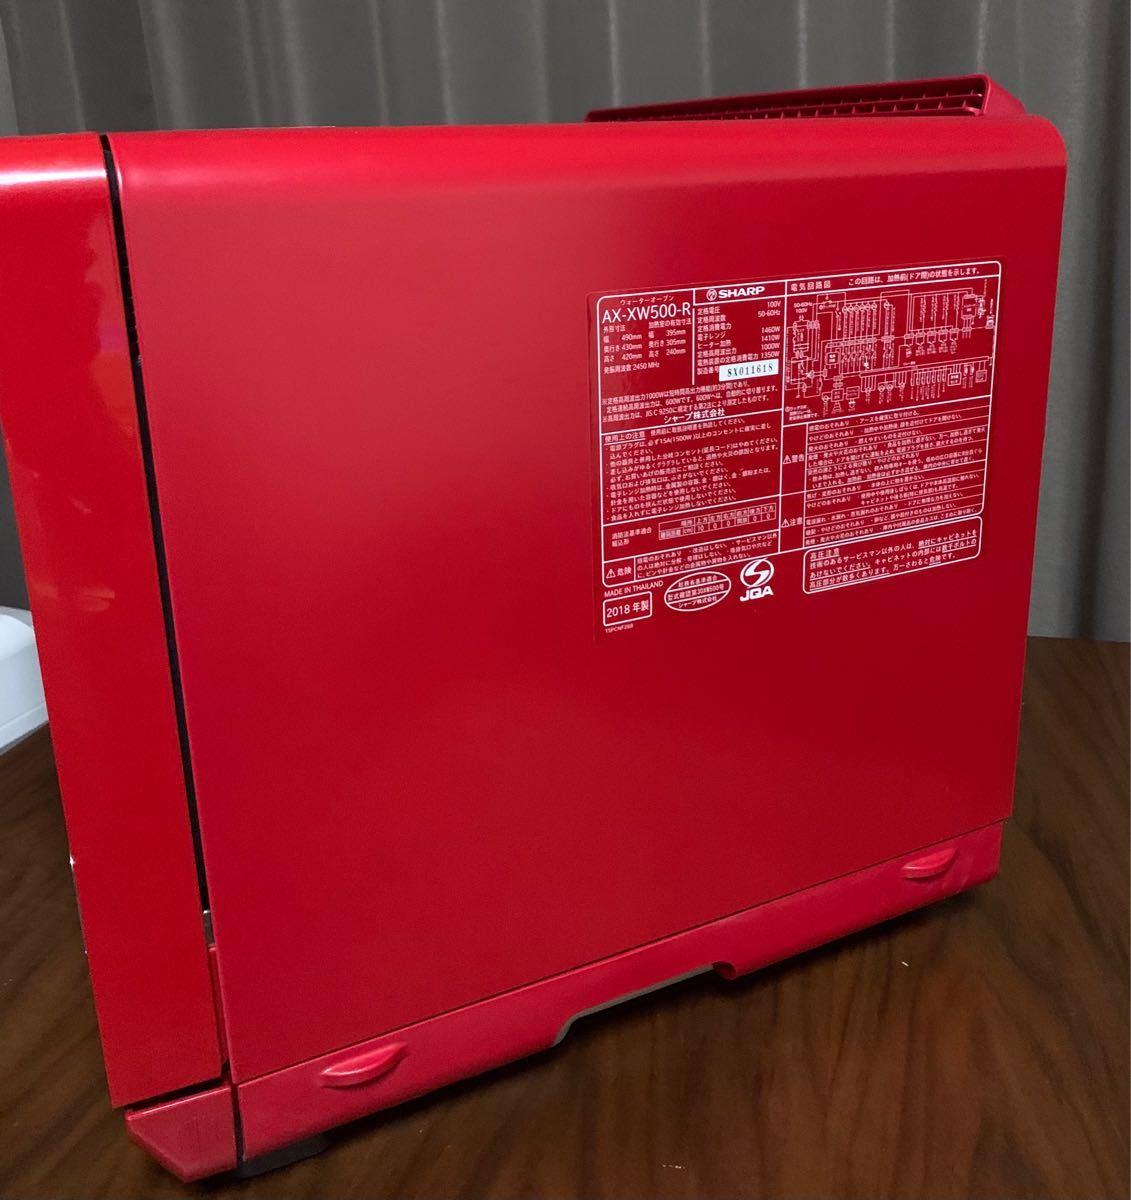 ヘルシオ ウォーターオーブン SHARP AX-XW500-R